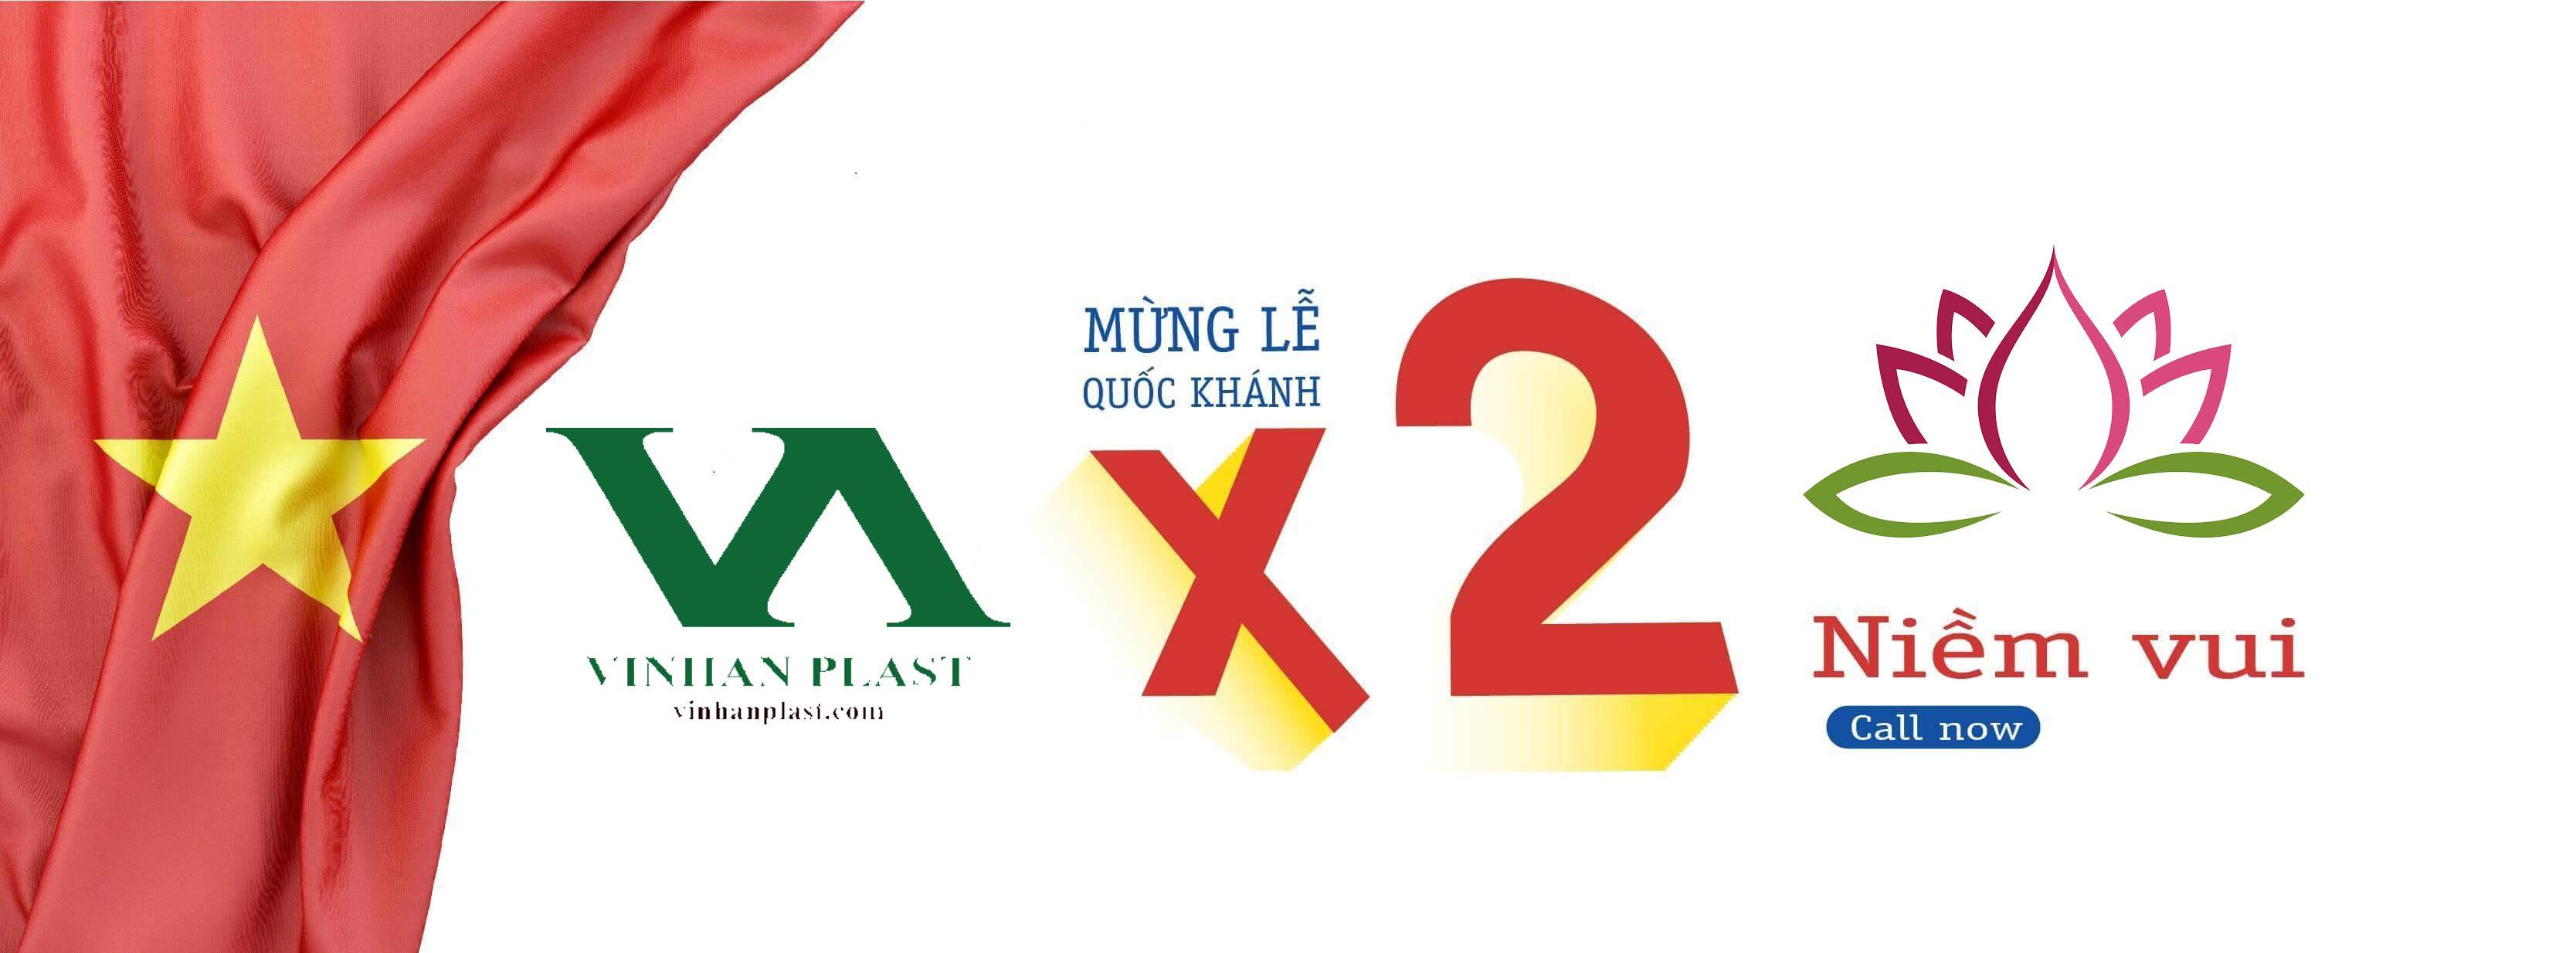 Công ty TNHH Vinh An Plast chúc mừng Quốc Khánh 2/9/2020